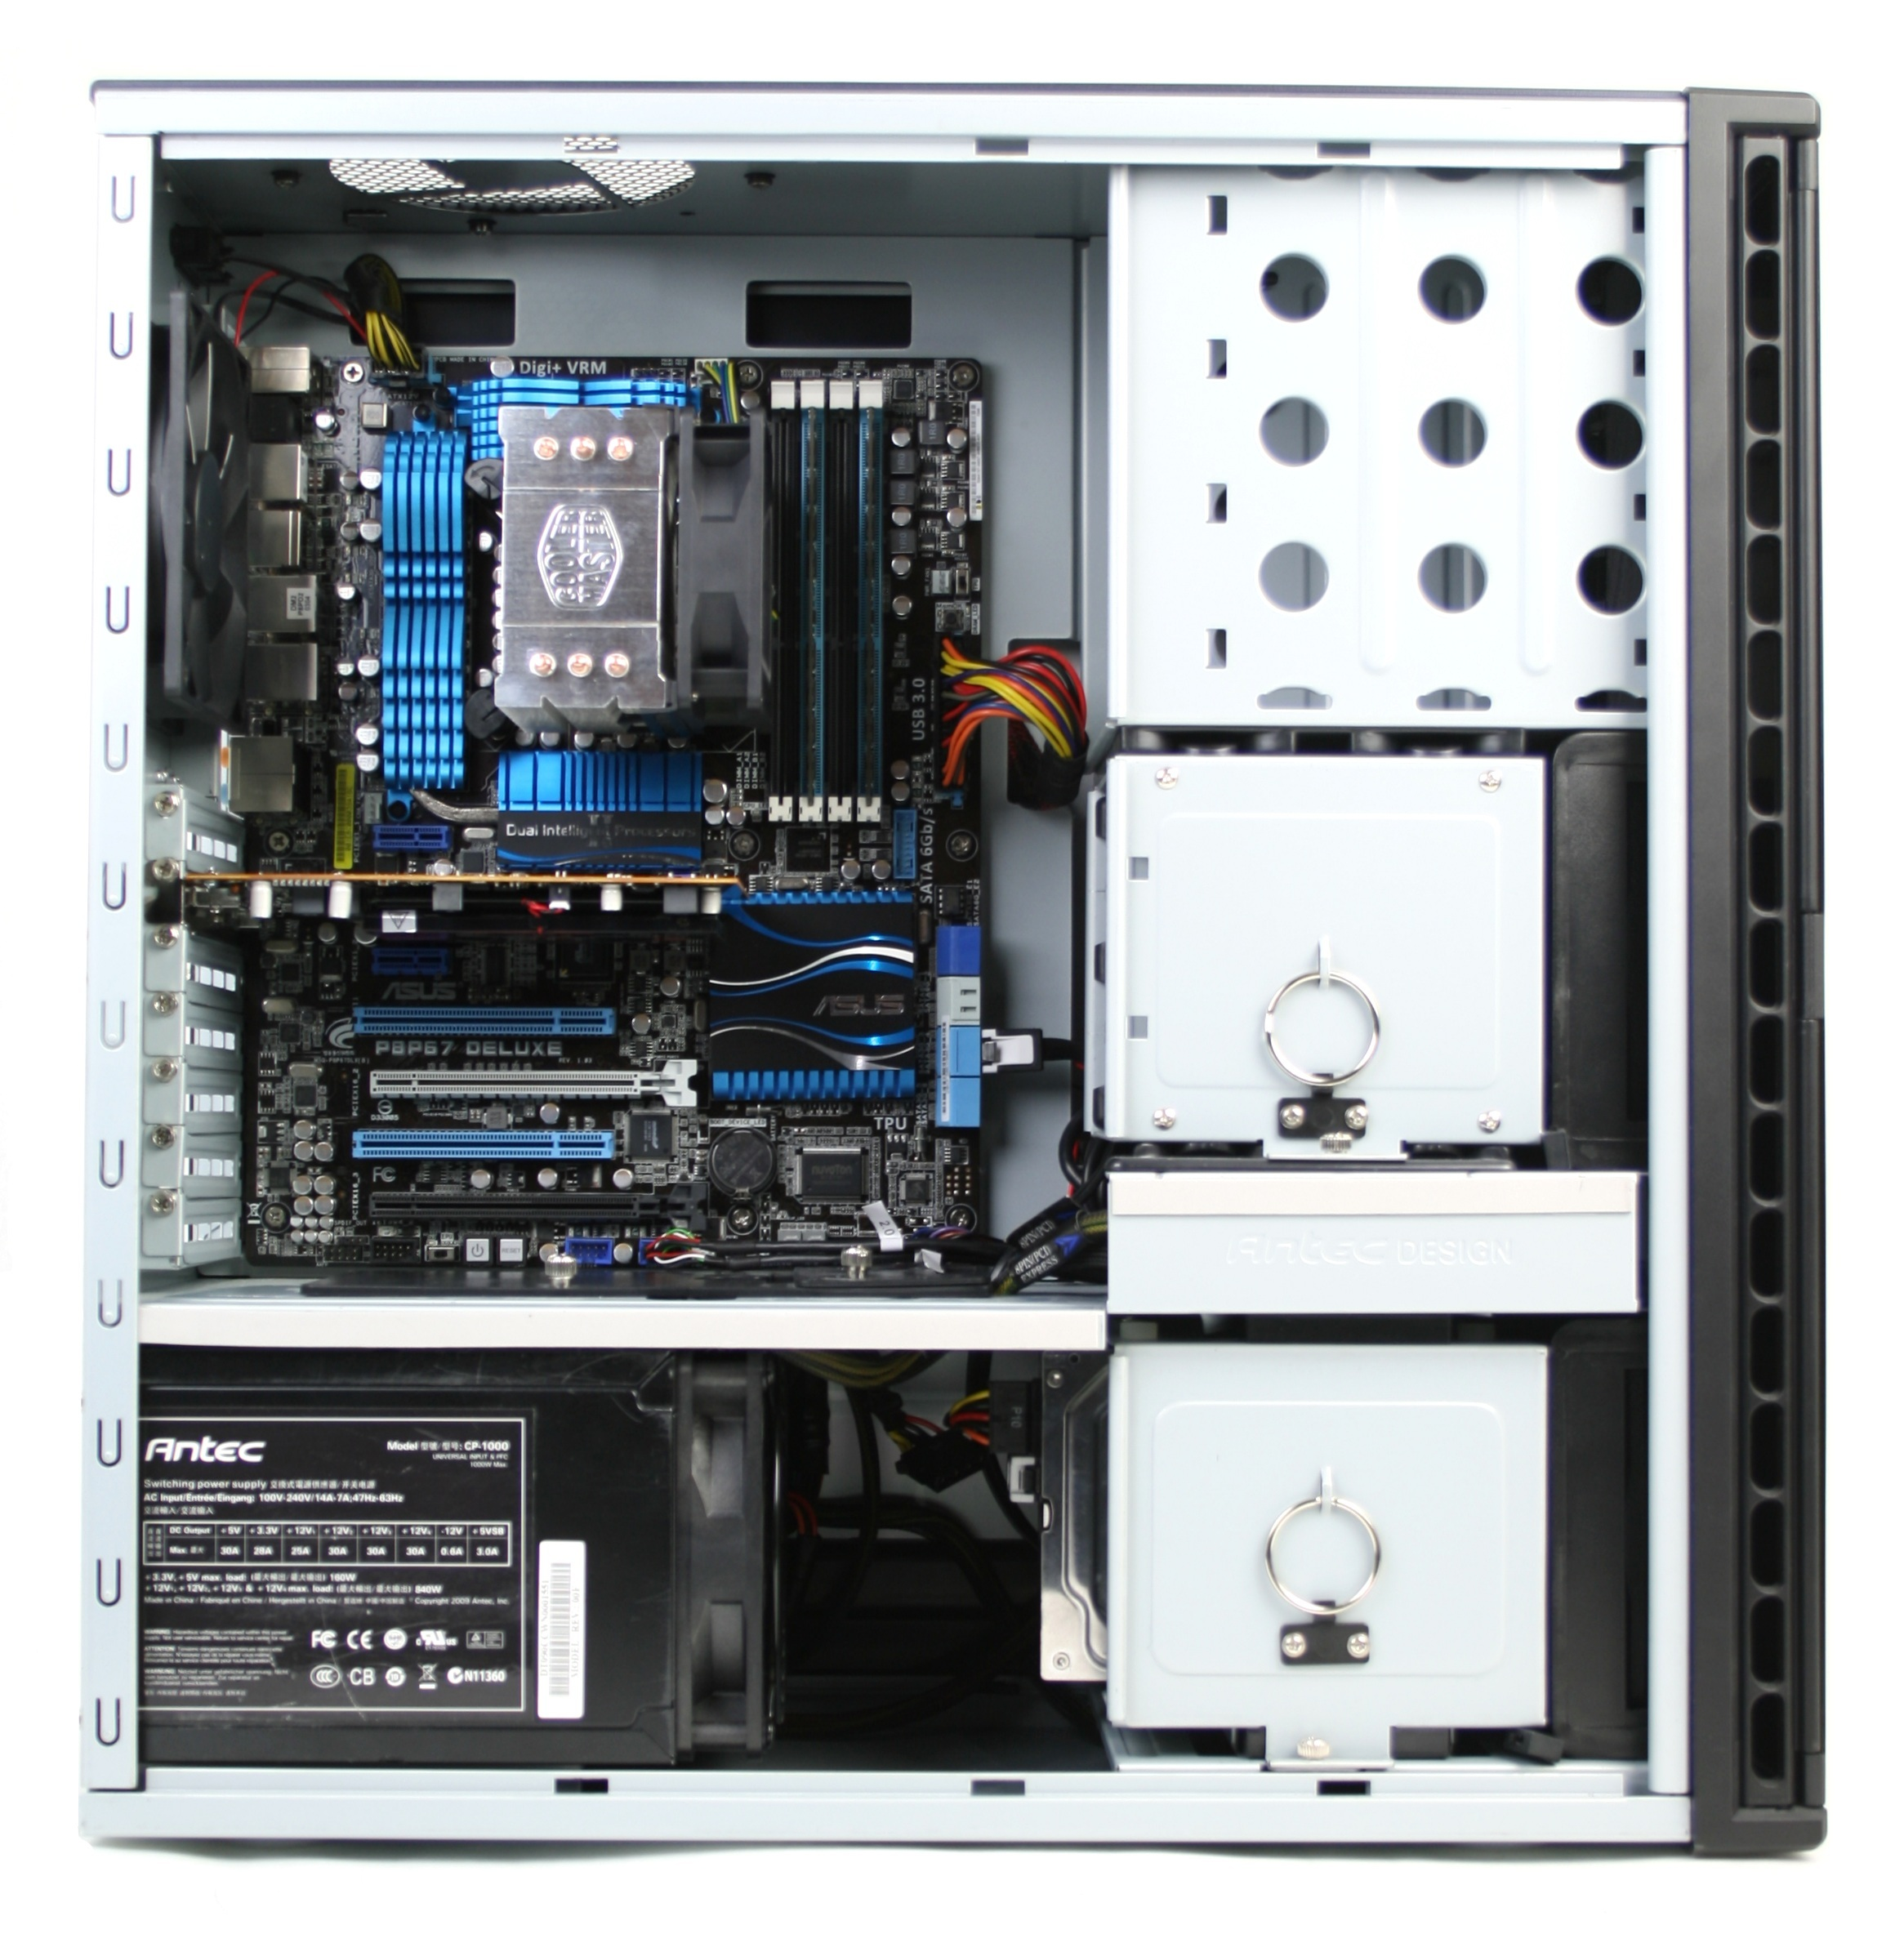 Cooler Master Hyper TX3 Assembled